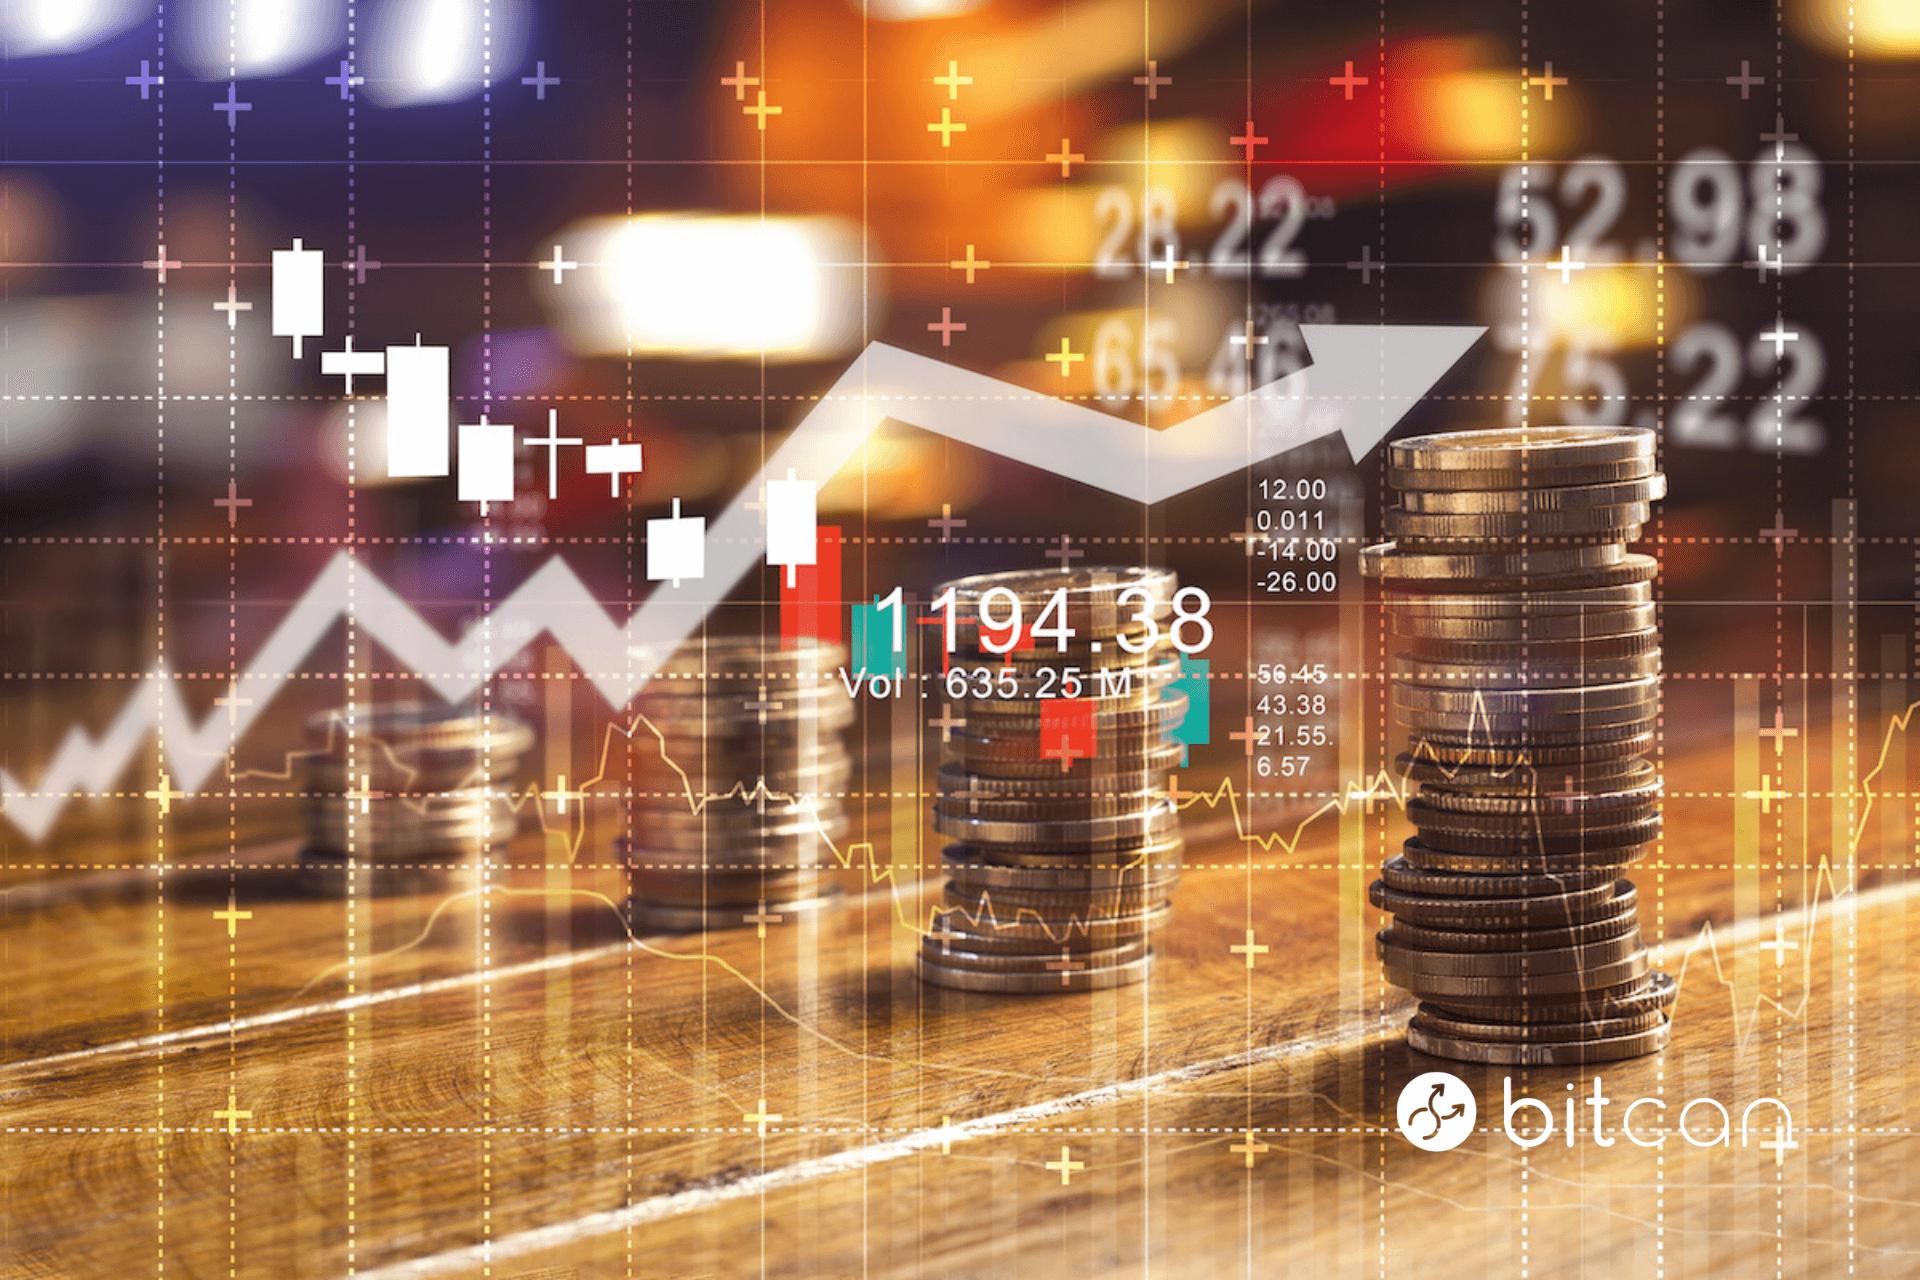 Cena bitcoina prognozowana nawet na milion złotych. Co wpływa na ciągły wzrost kryptowaluty?